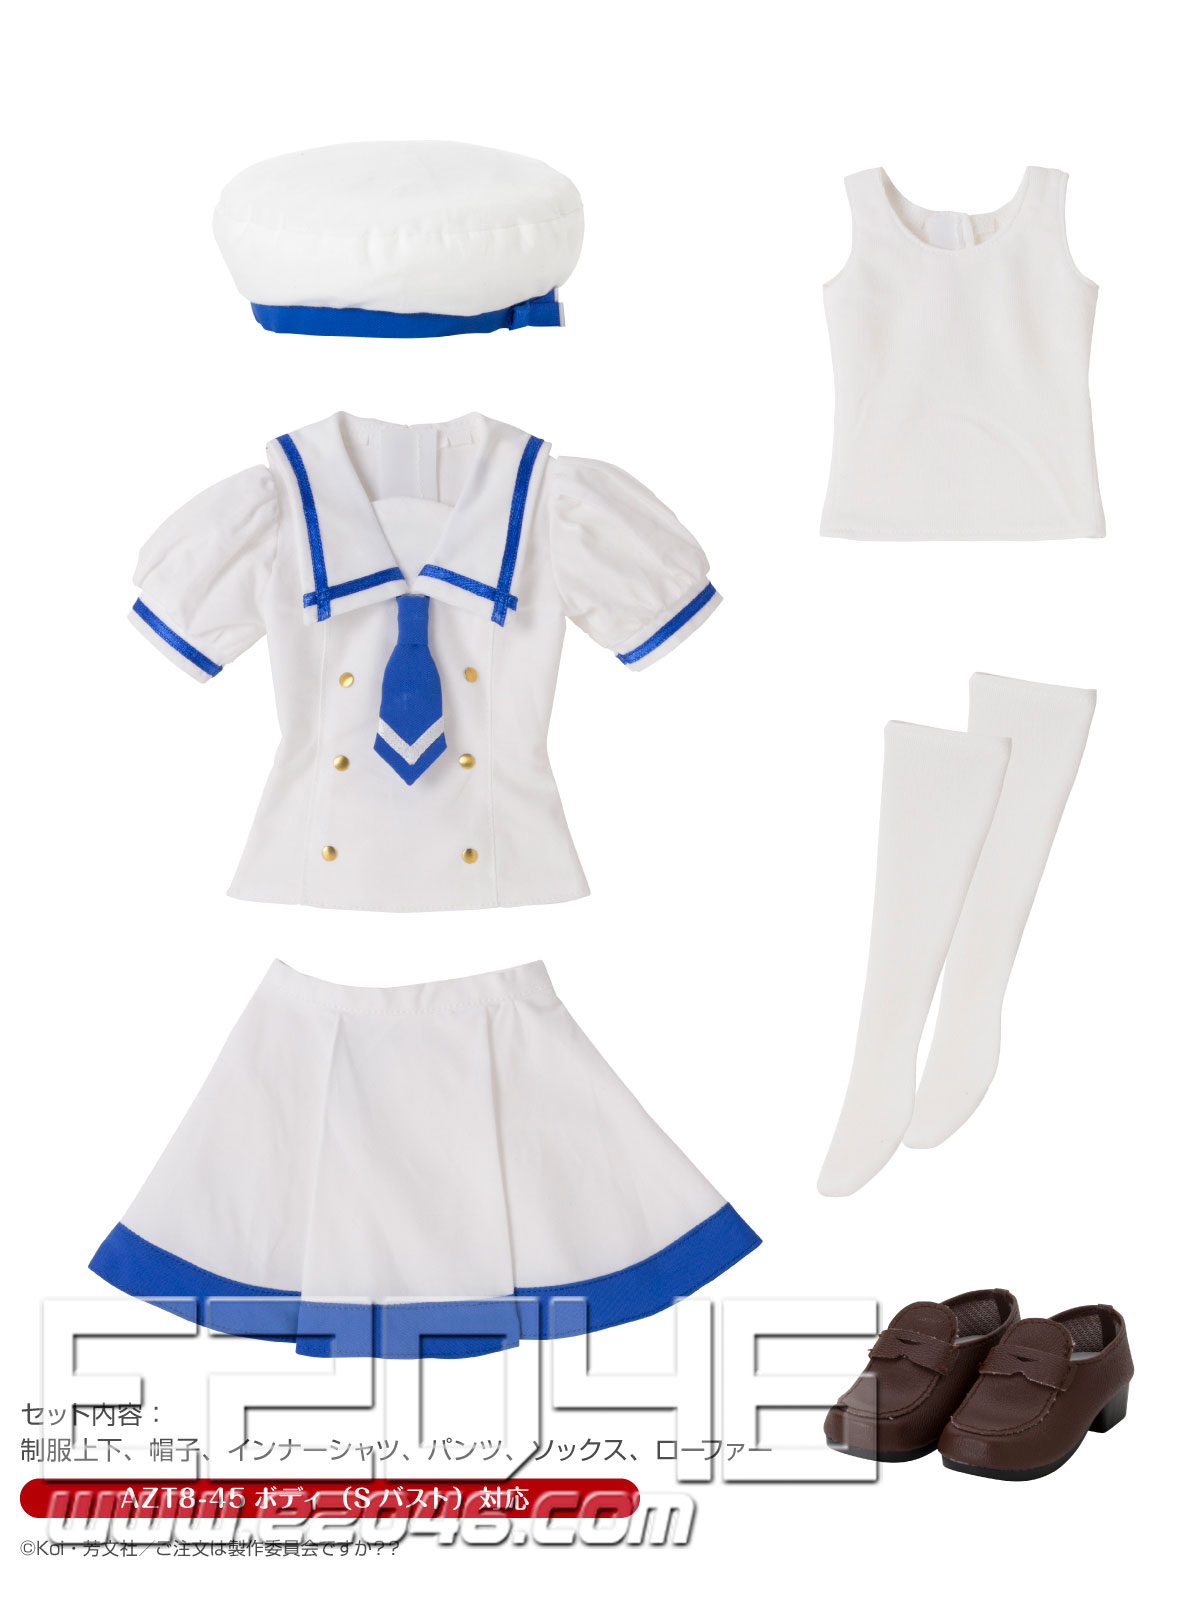 夏季校服套裝 (人偶)